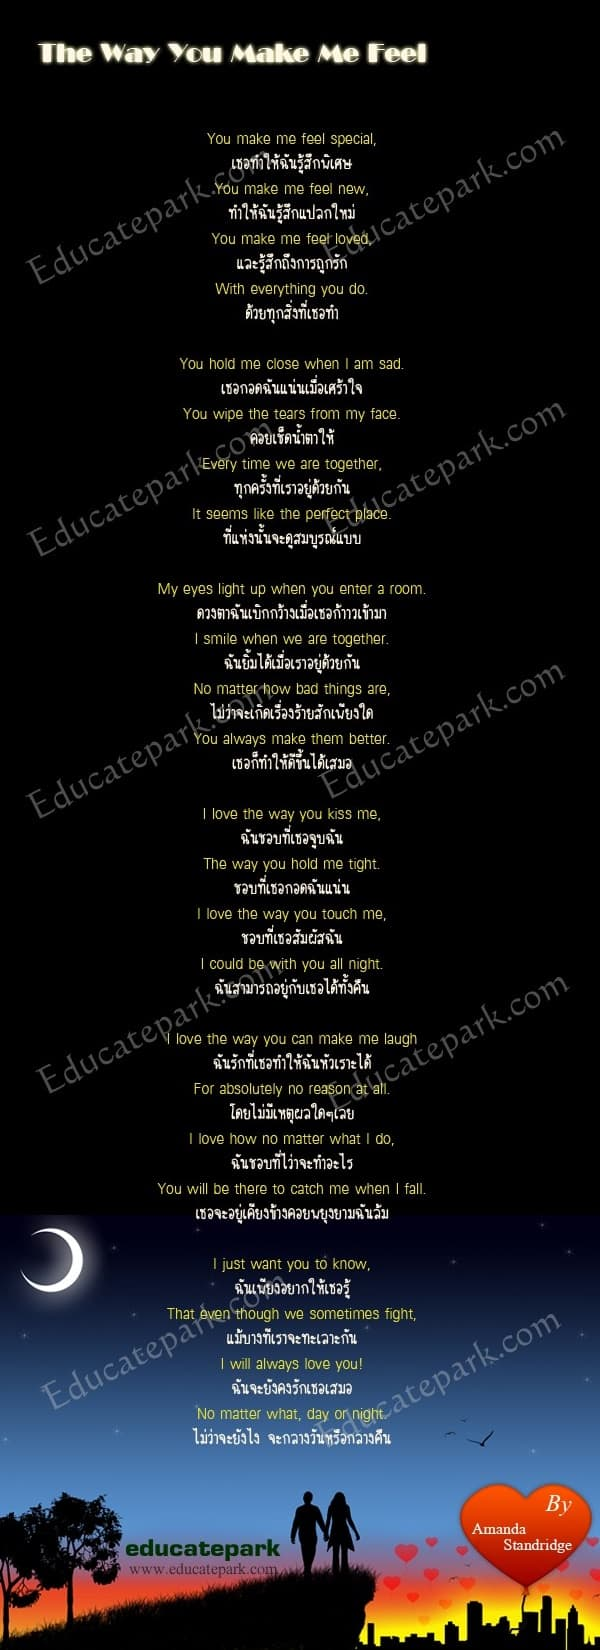 บทกลอน The Way You Make Me Feel - Amanda Standridge